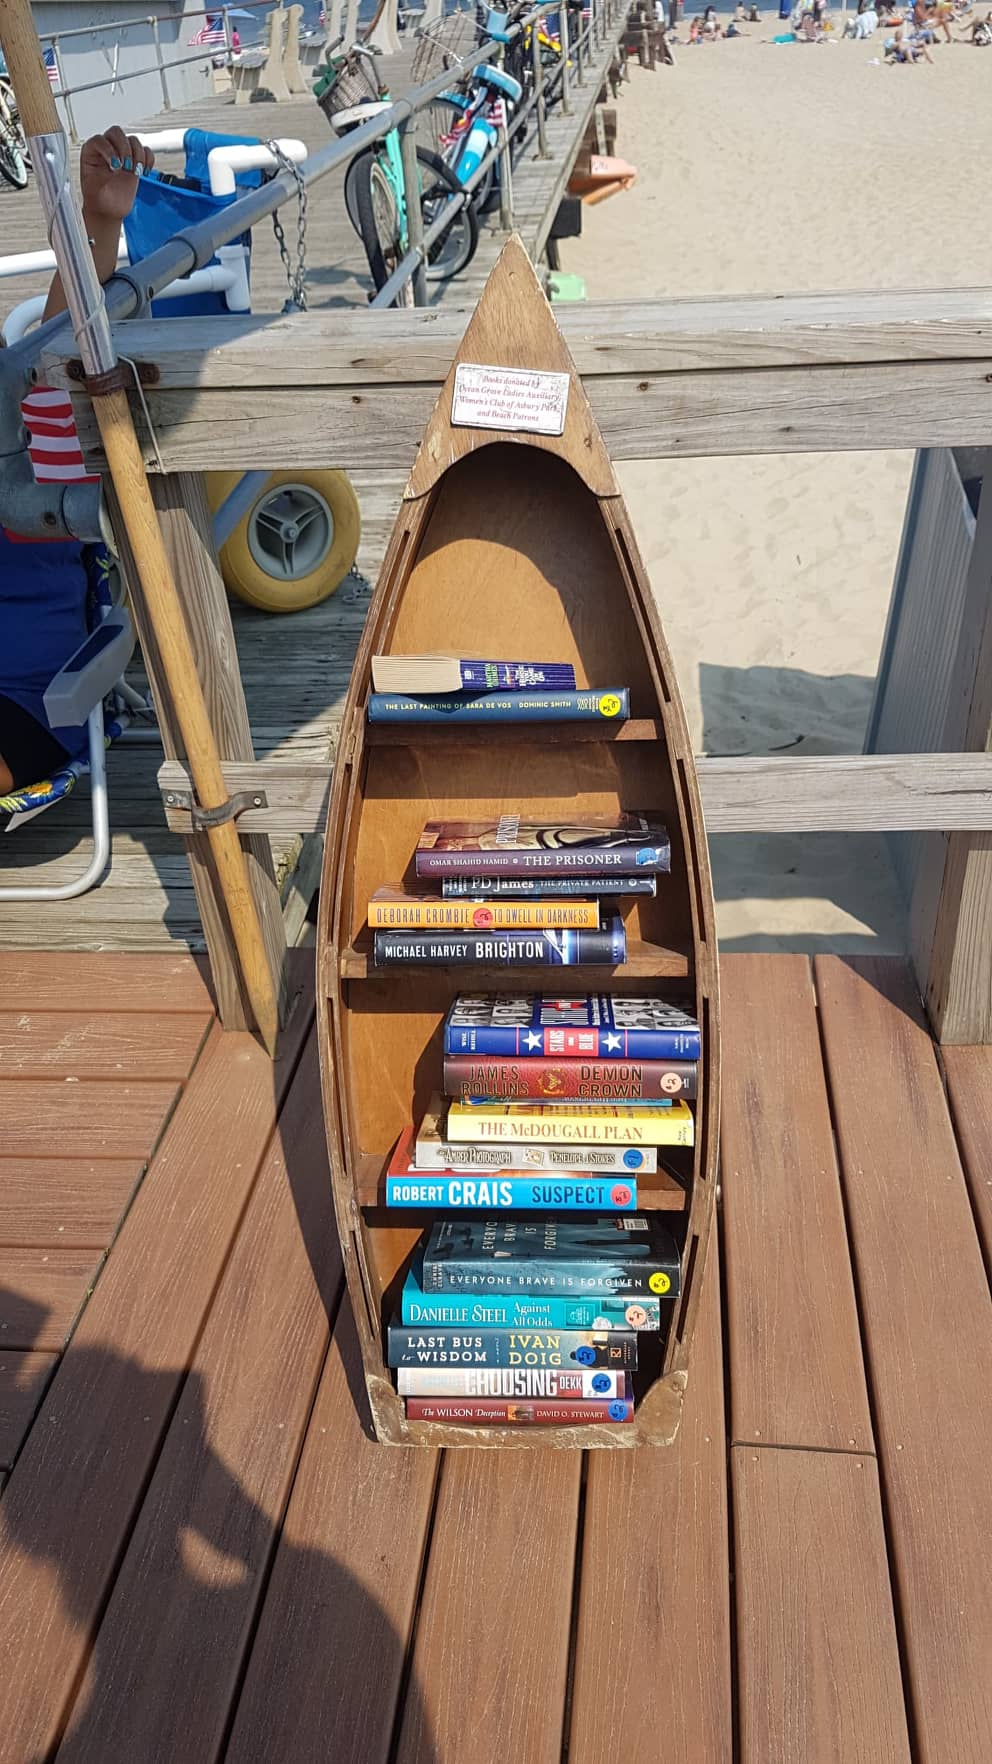 Mały regał w kształcie łódki zawierający książki do wypożyczenia przy plaży w Ocean Grove.